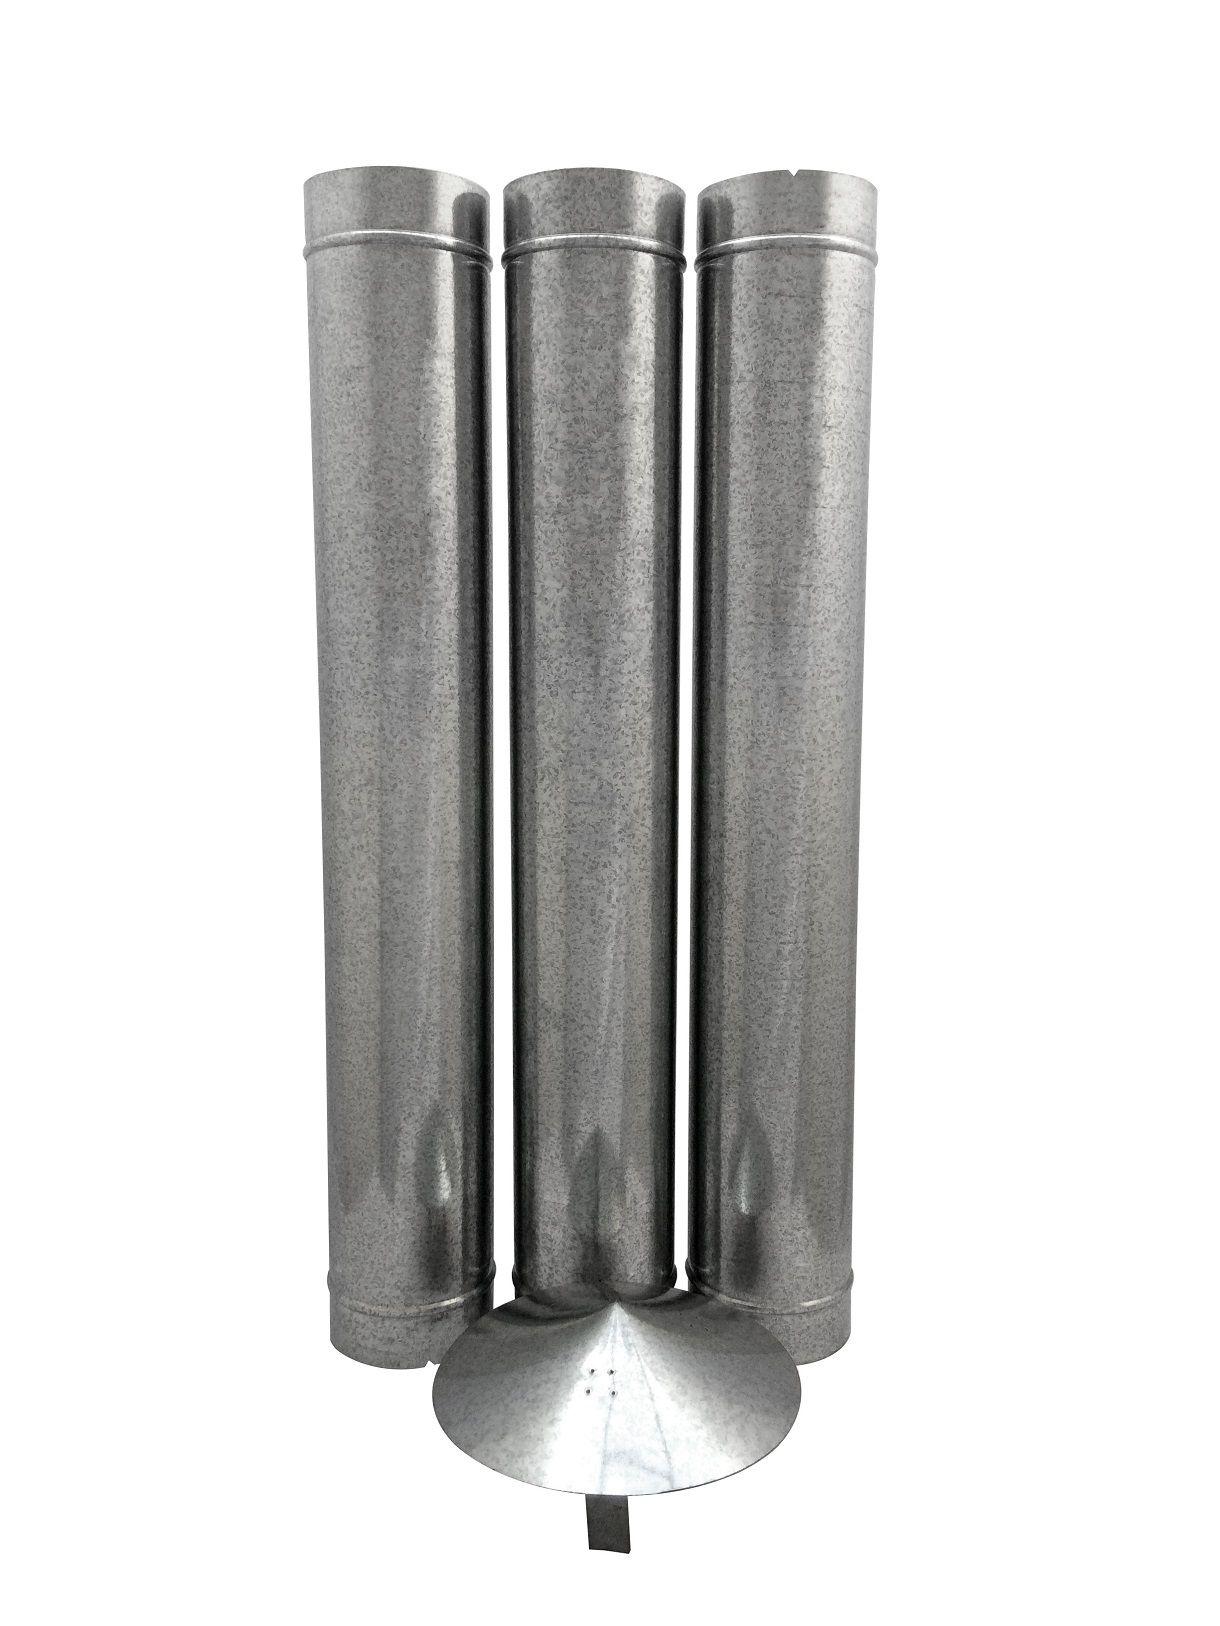 1,80 m de duto galvanizado de 150 mm de diâmetro com chapéu chinês  - Galvocalhas